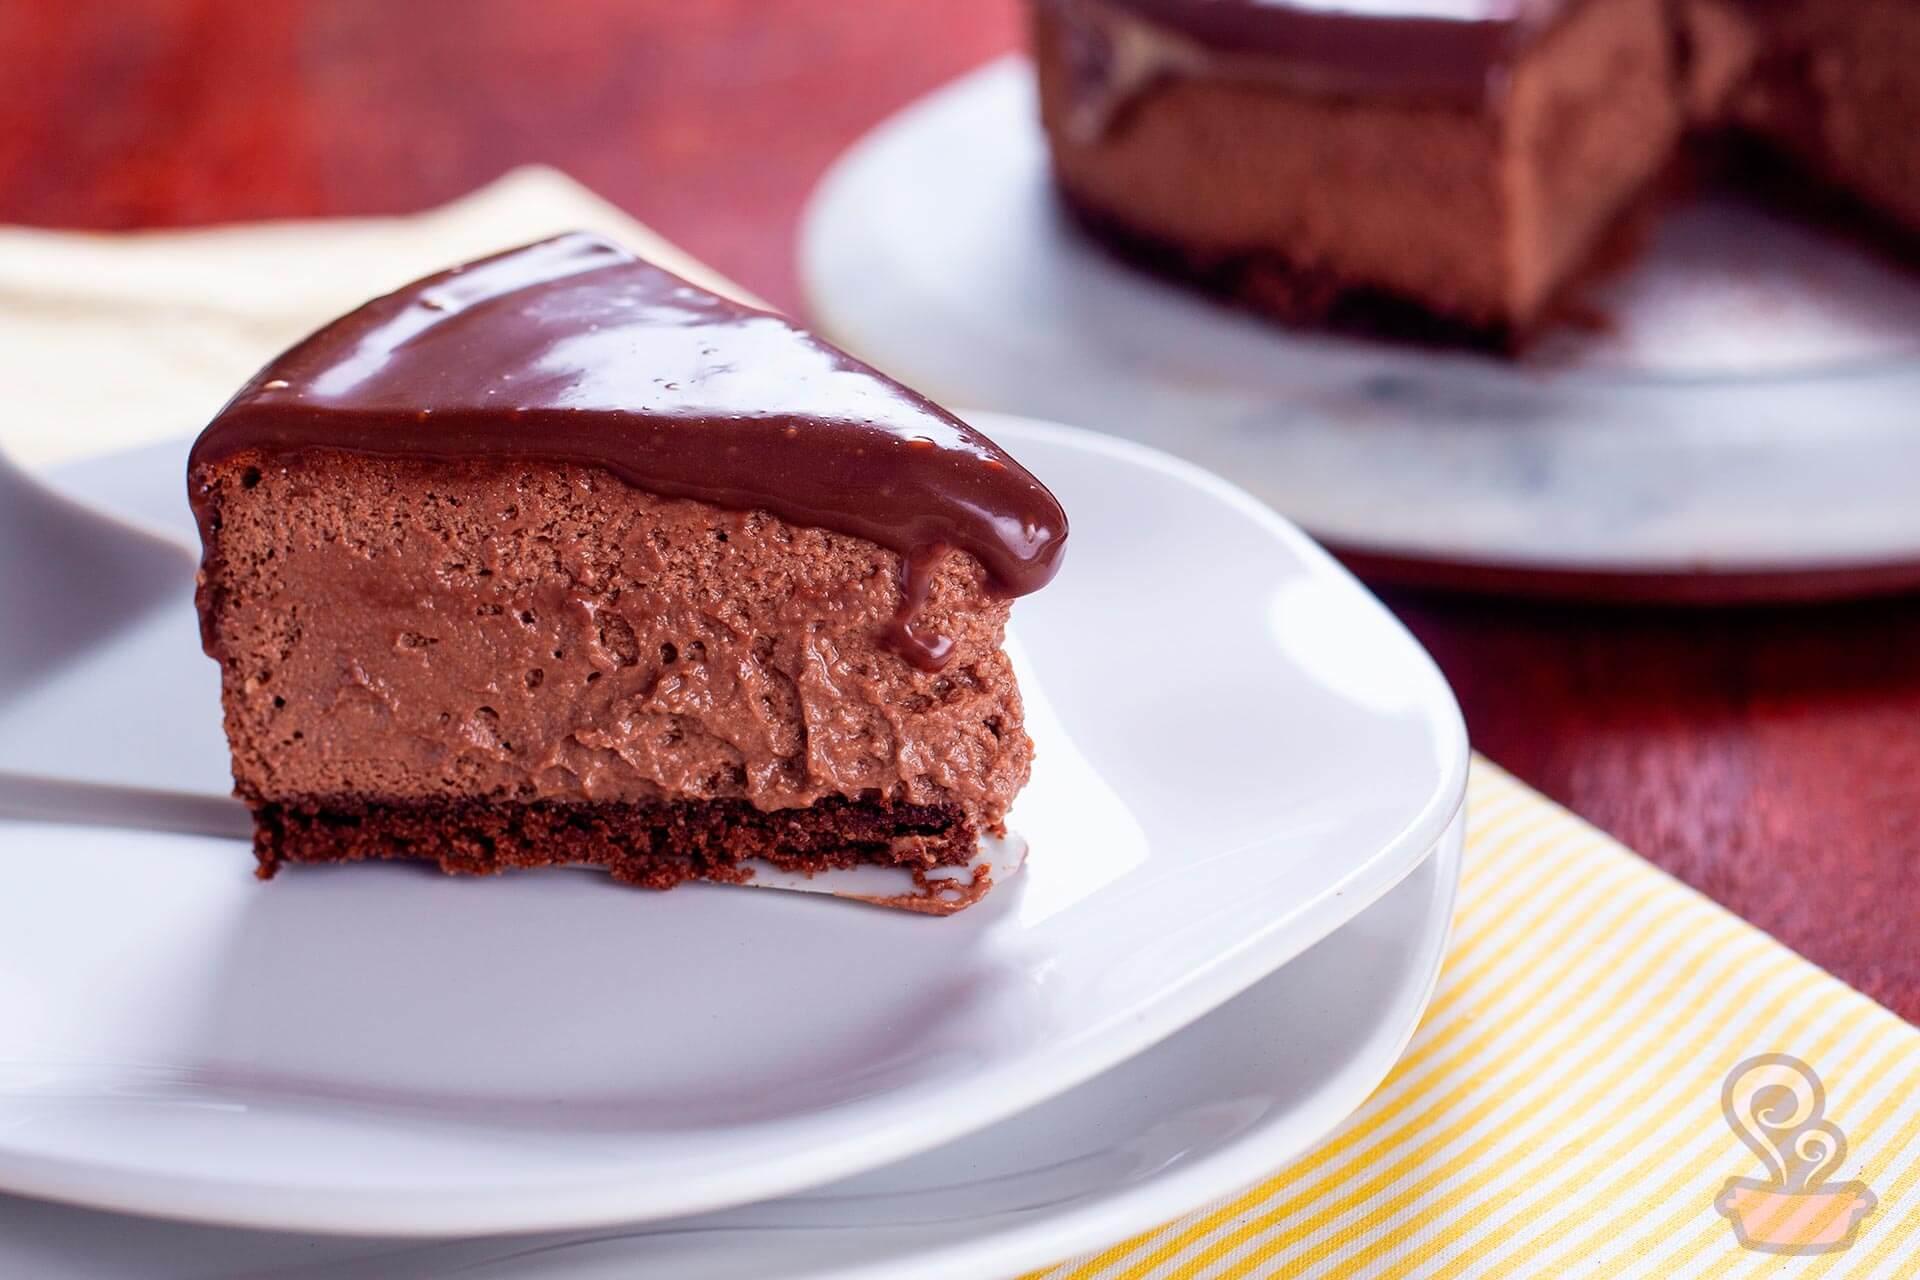 Imagem: É só seguir direitinho os passos da receita que você vai ter um cheesecake de chocolate lindo e delicioso! O prato é da coleção Ryo White, da linha Oxford Porcelanas. Foto: Na Minha Panela.